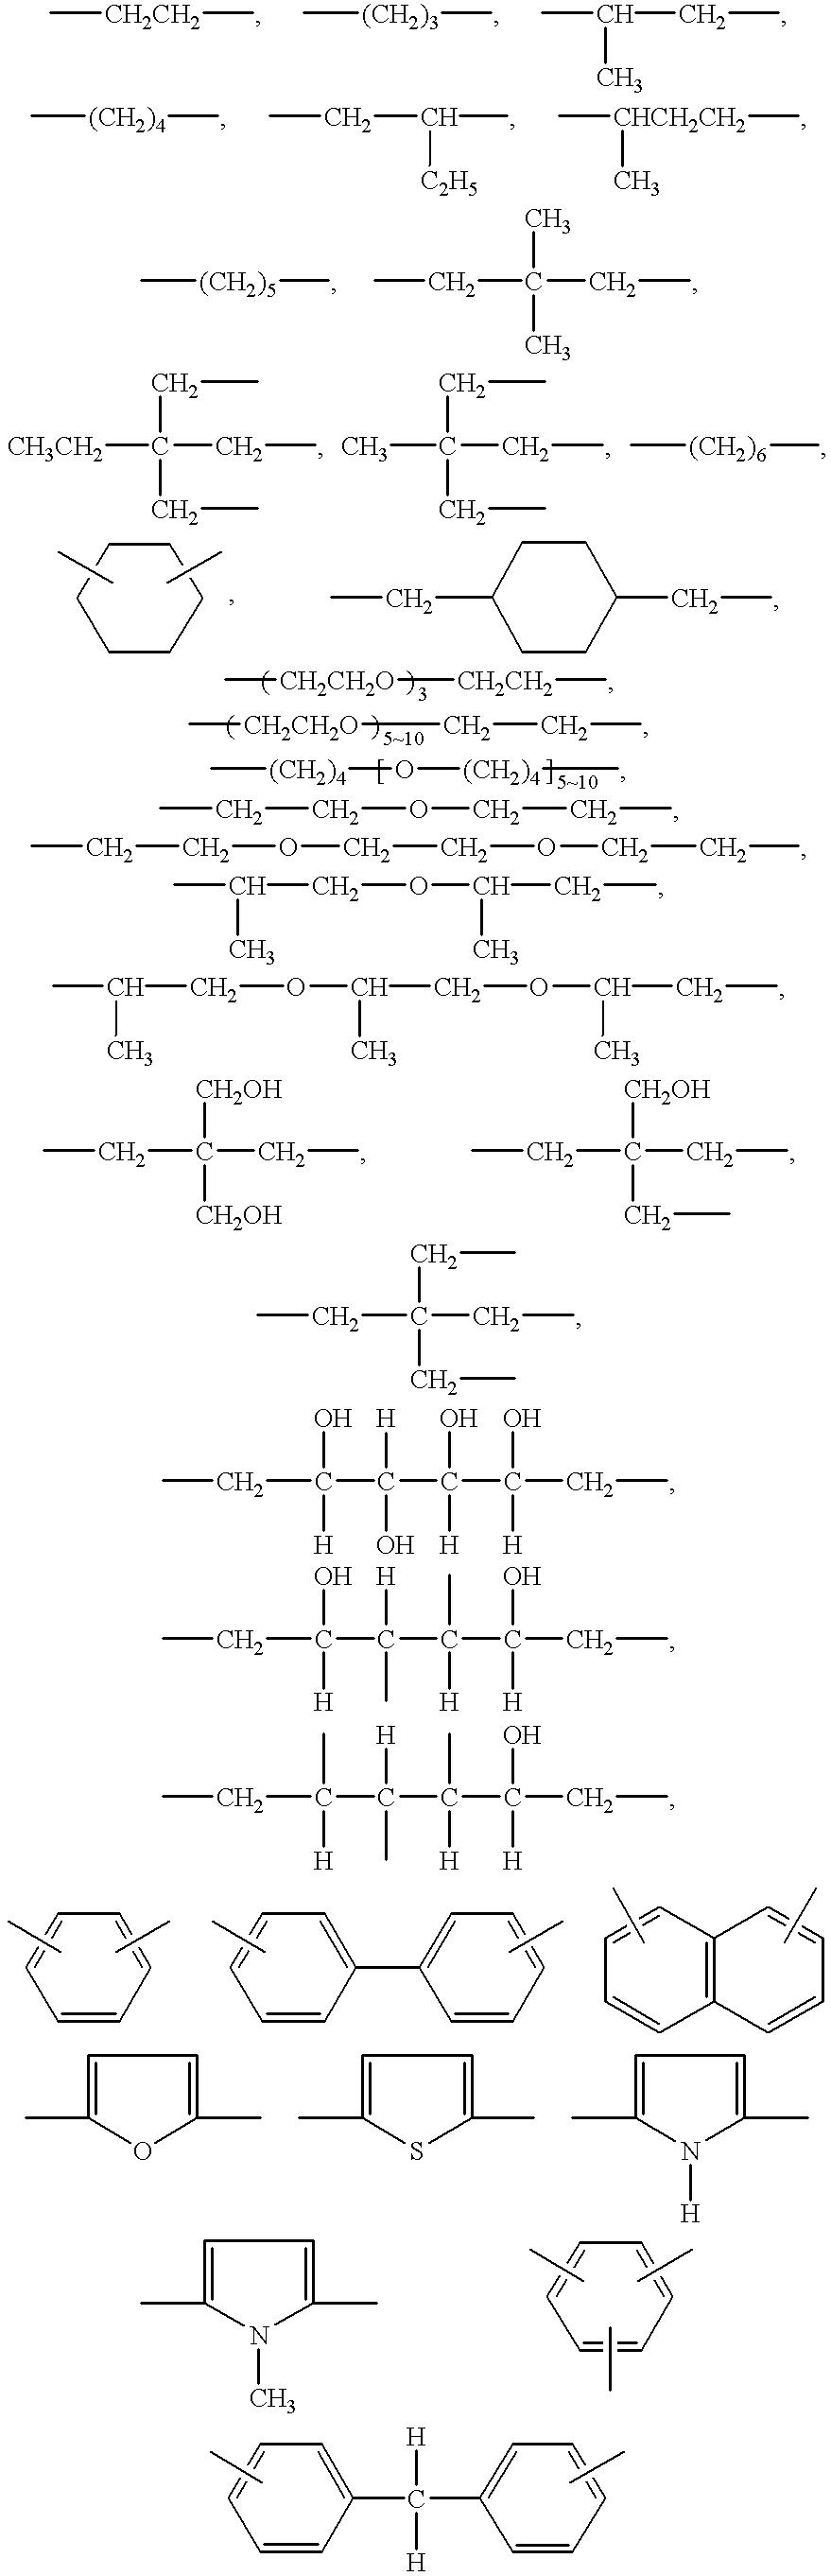 Figure US20010035394A1-20011101-C00030